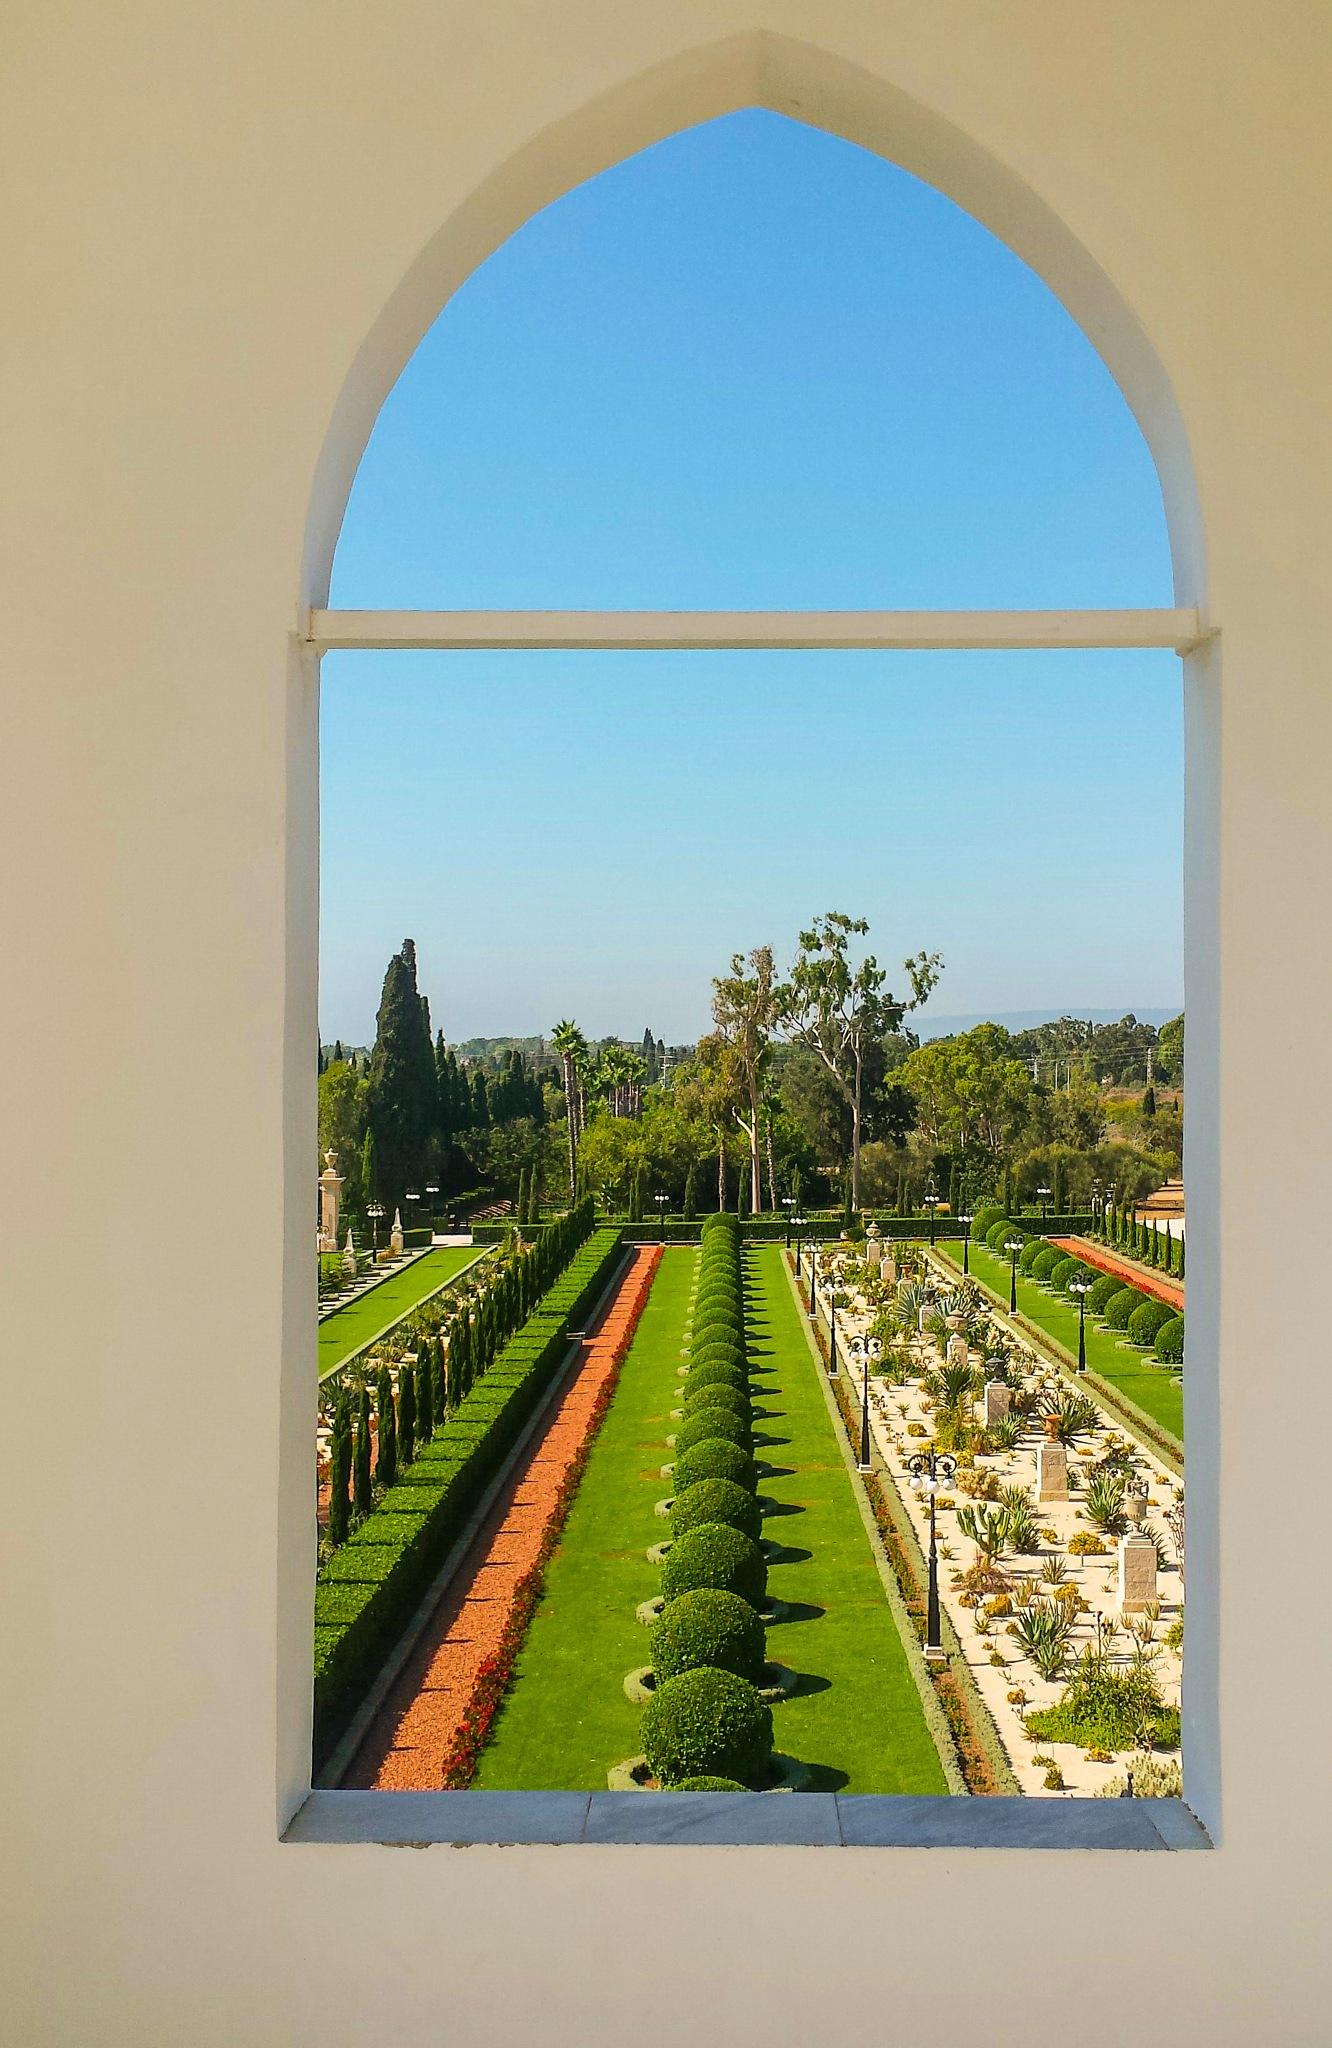 Garden View by Tom Dierolf